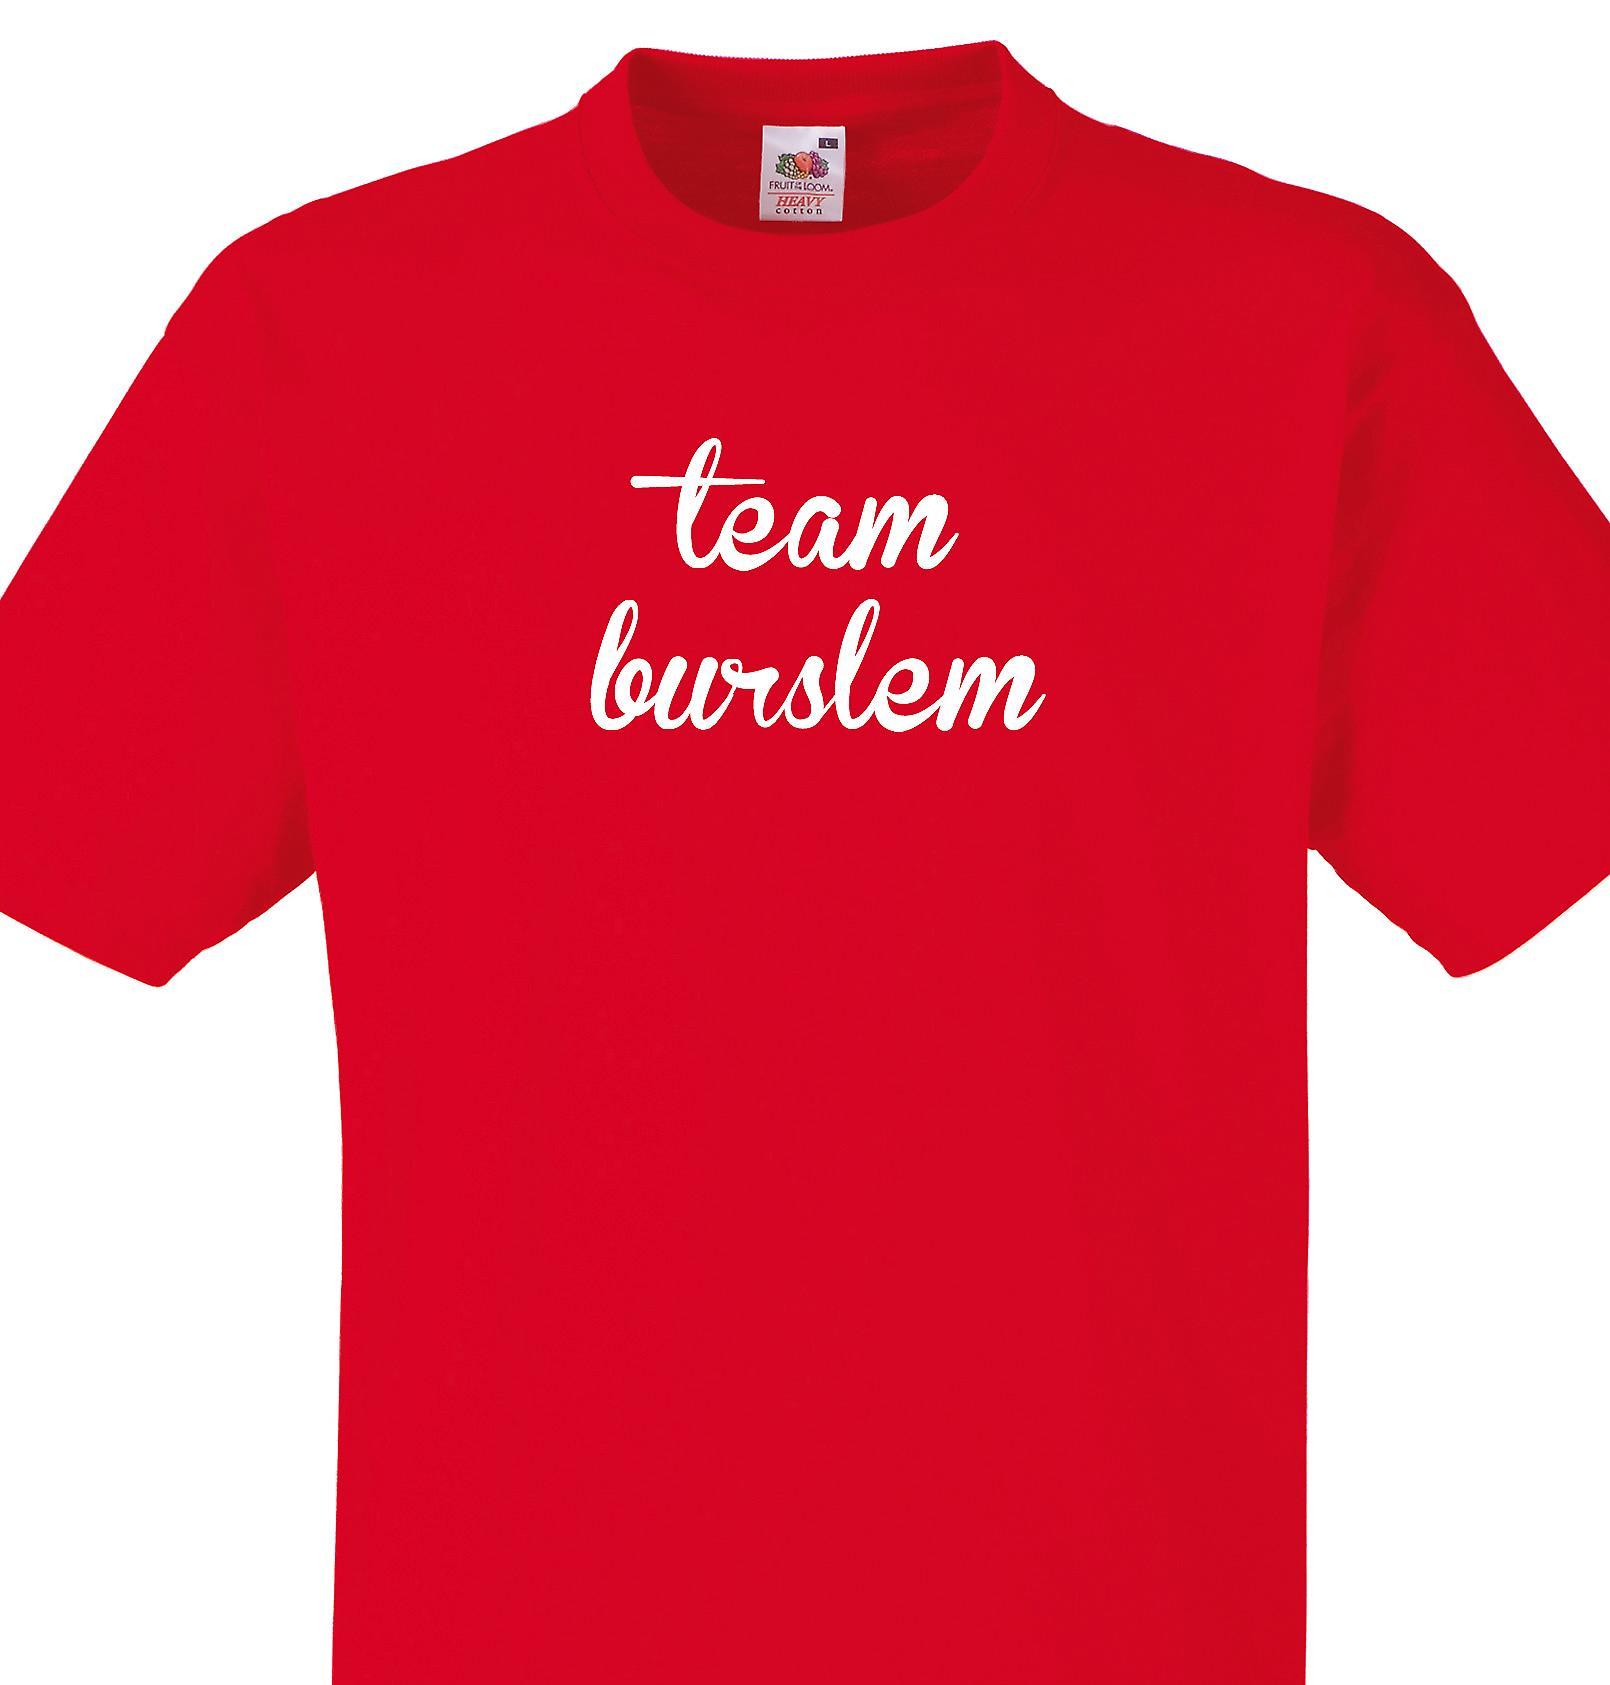 Team Burslem Red T shirt